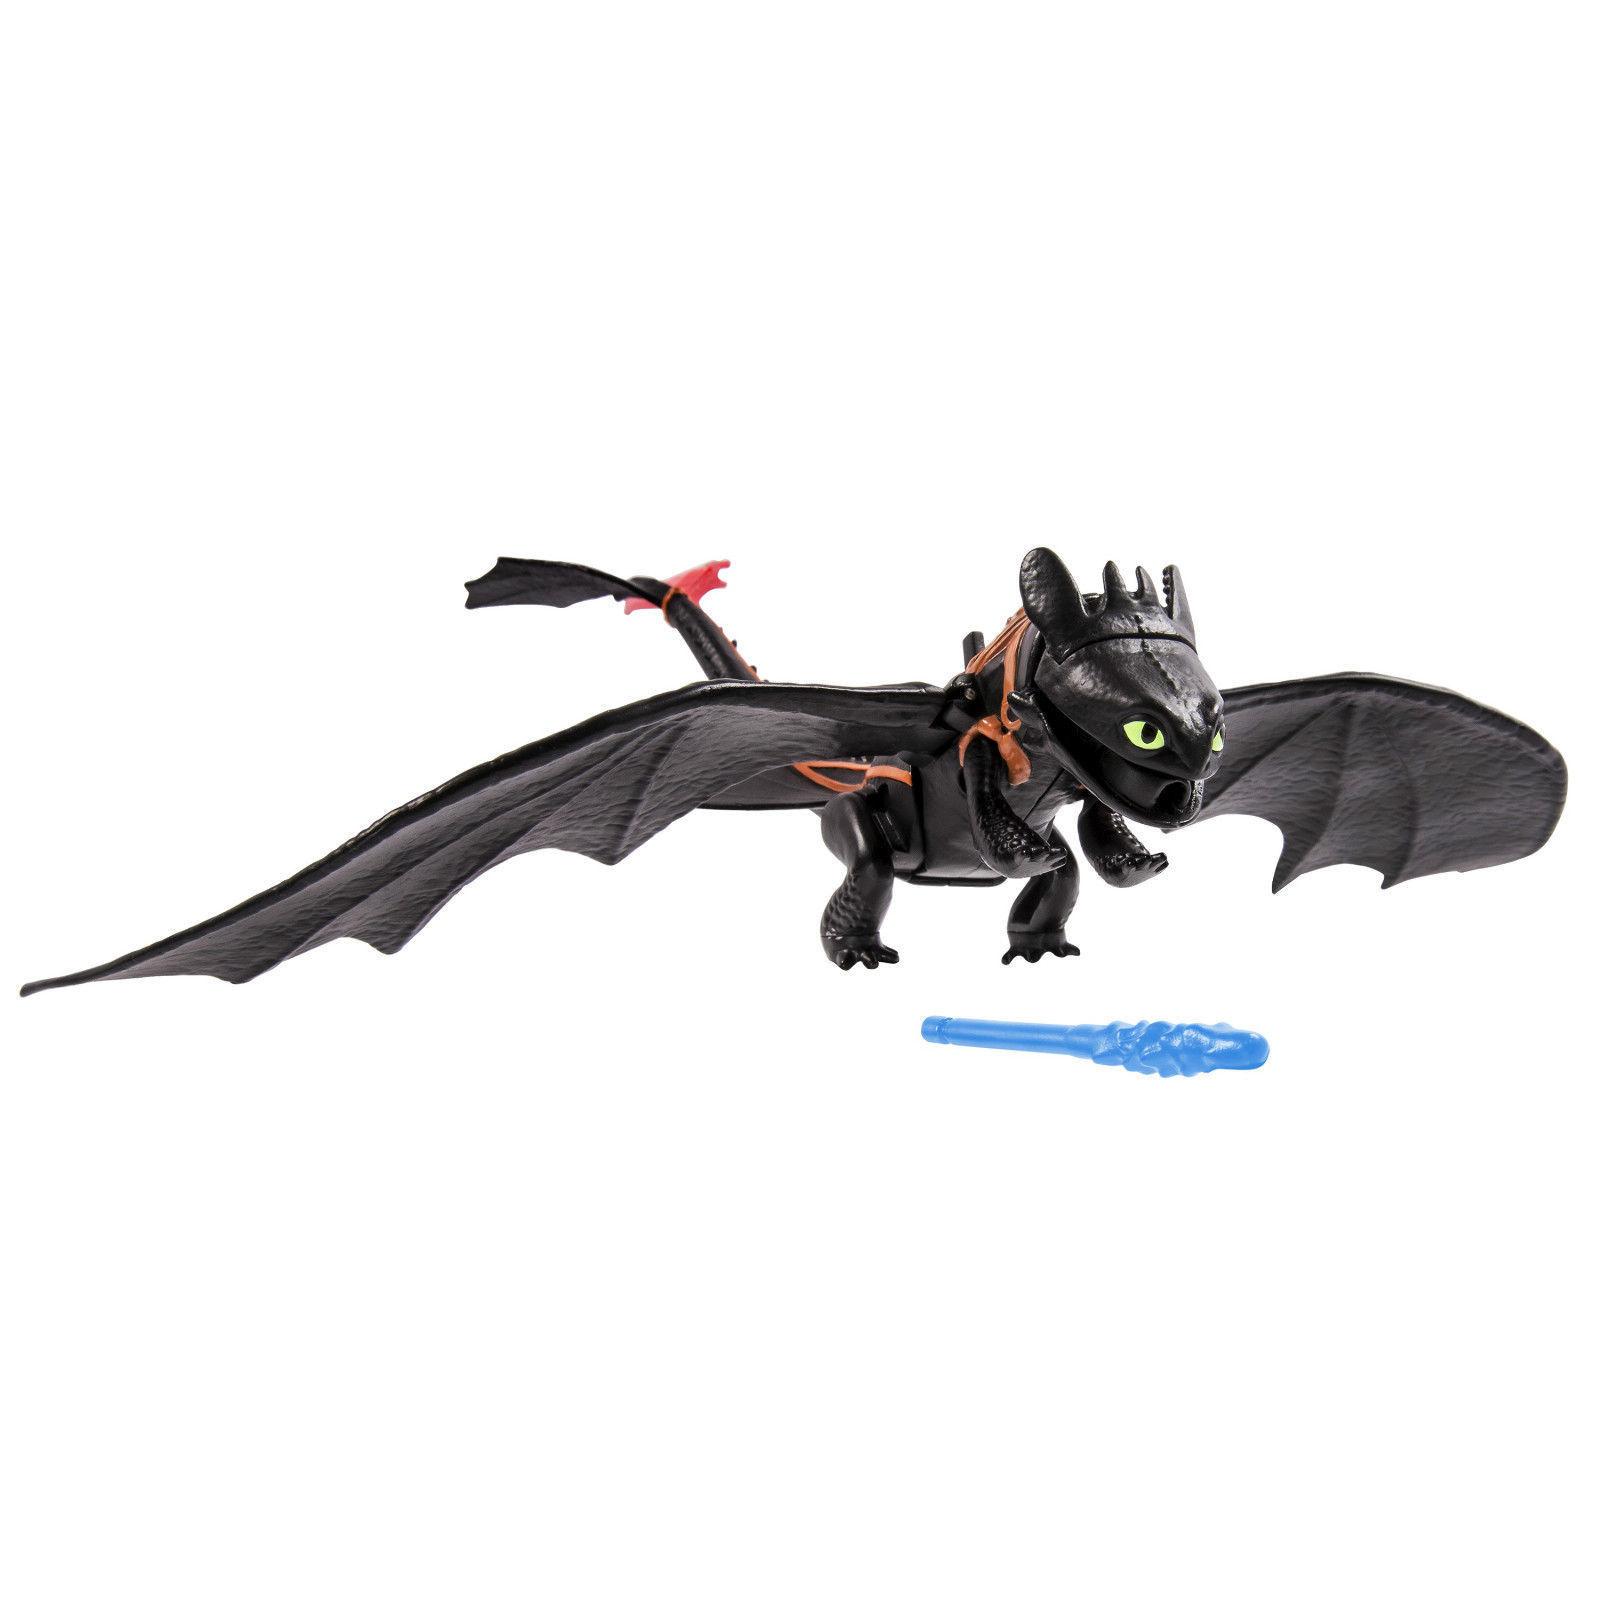 Функциональный дракон Dragons - Toothless. БеззубикКак приручить Дракона<br>Функциональный дракон Dragons - Toothless. Беззубик<br>